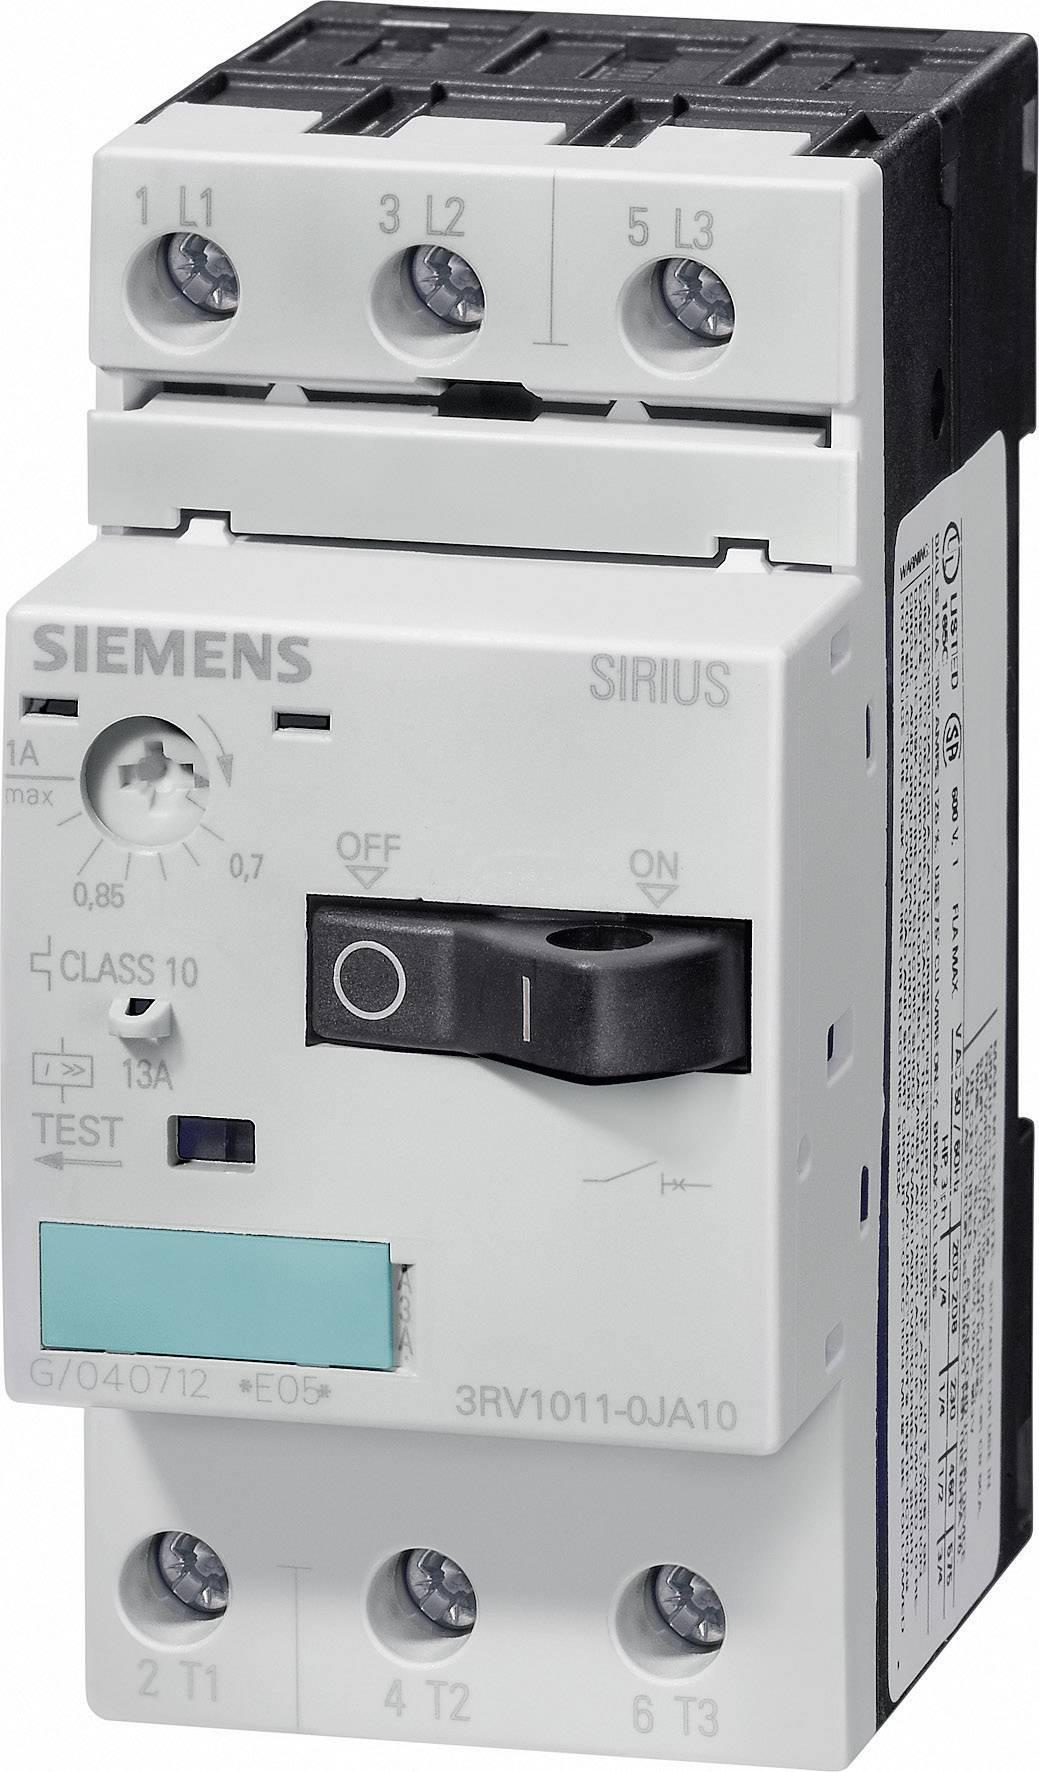 Výkonový spínač Siemens 3RV1011-0EA10, 0,28 - 0,40 A